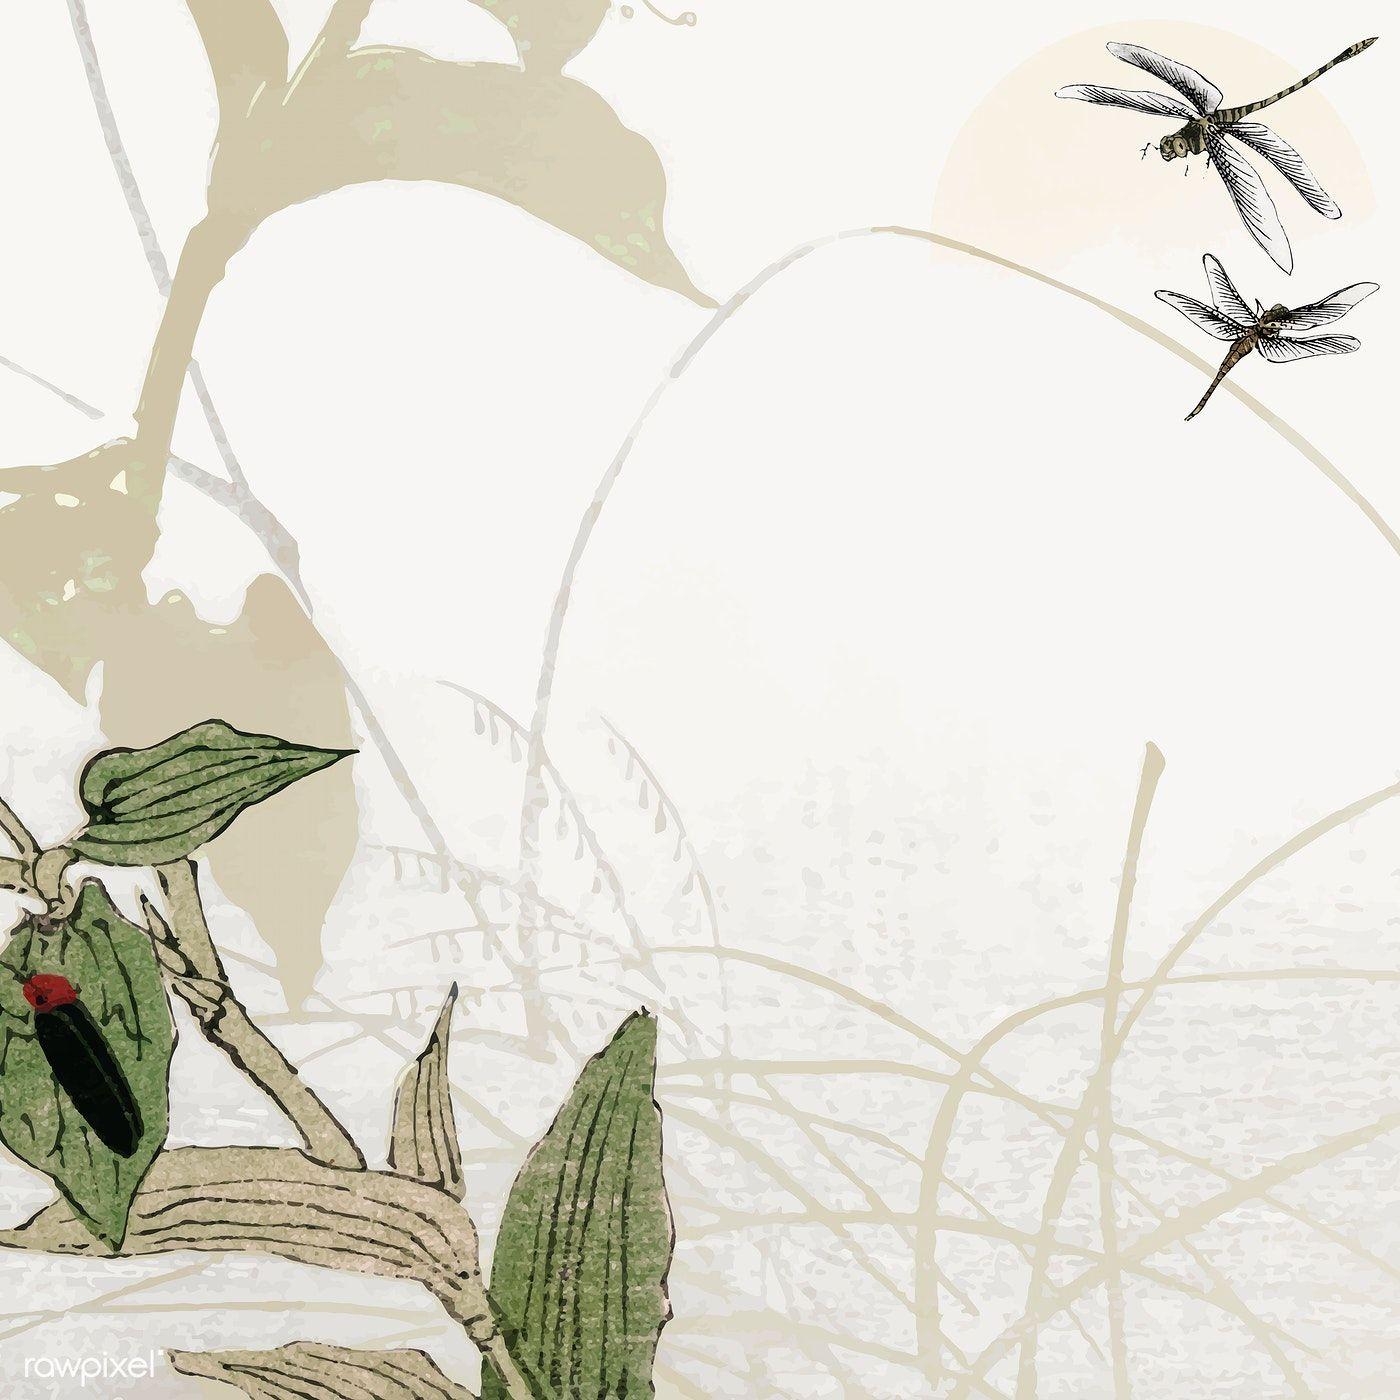 Download premium image of Leafy dragonfly frame design